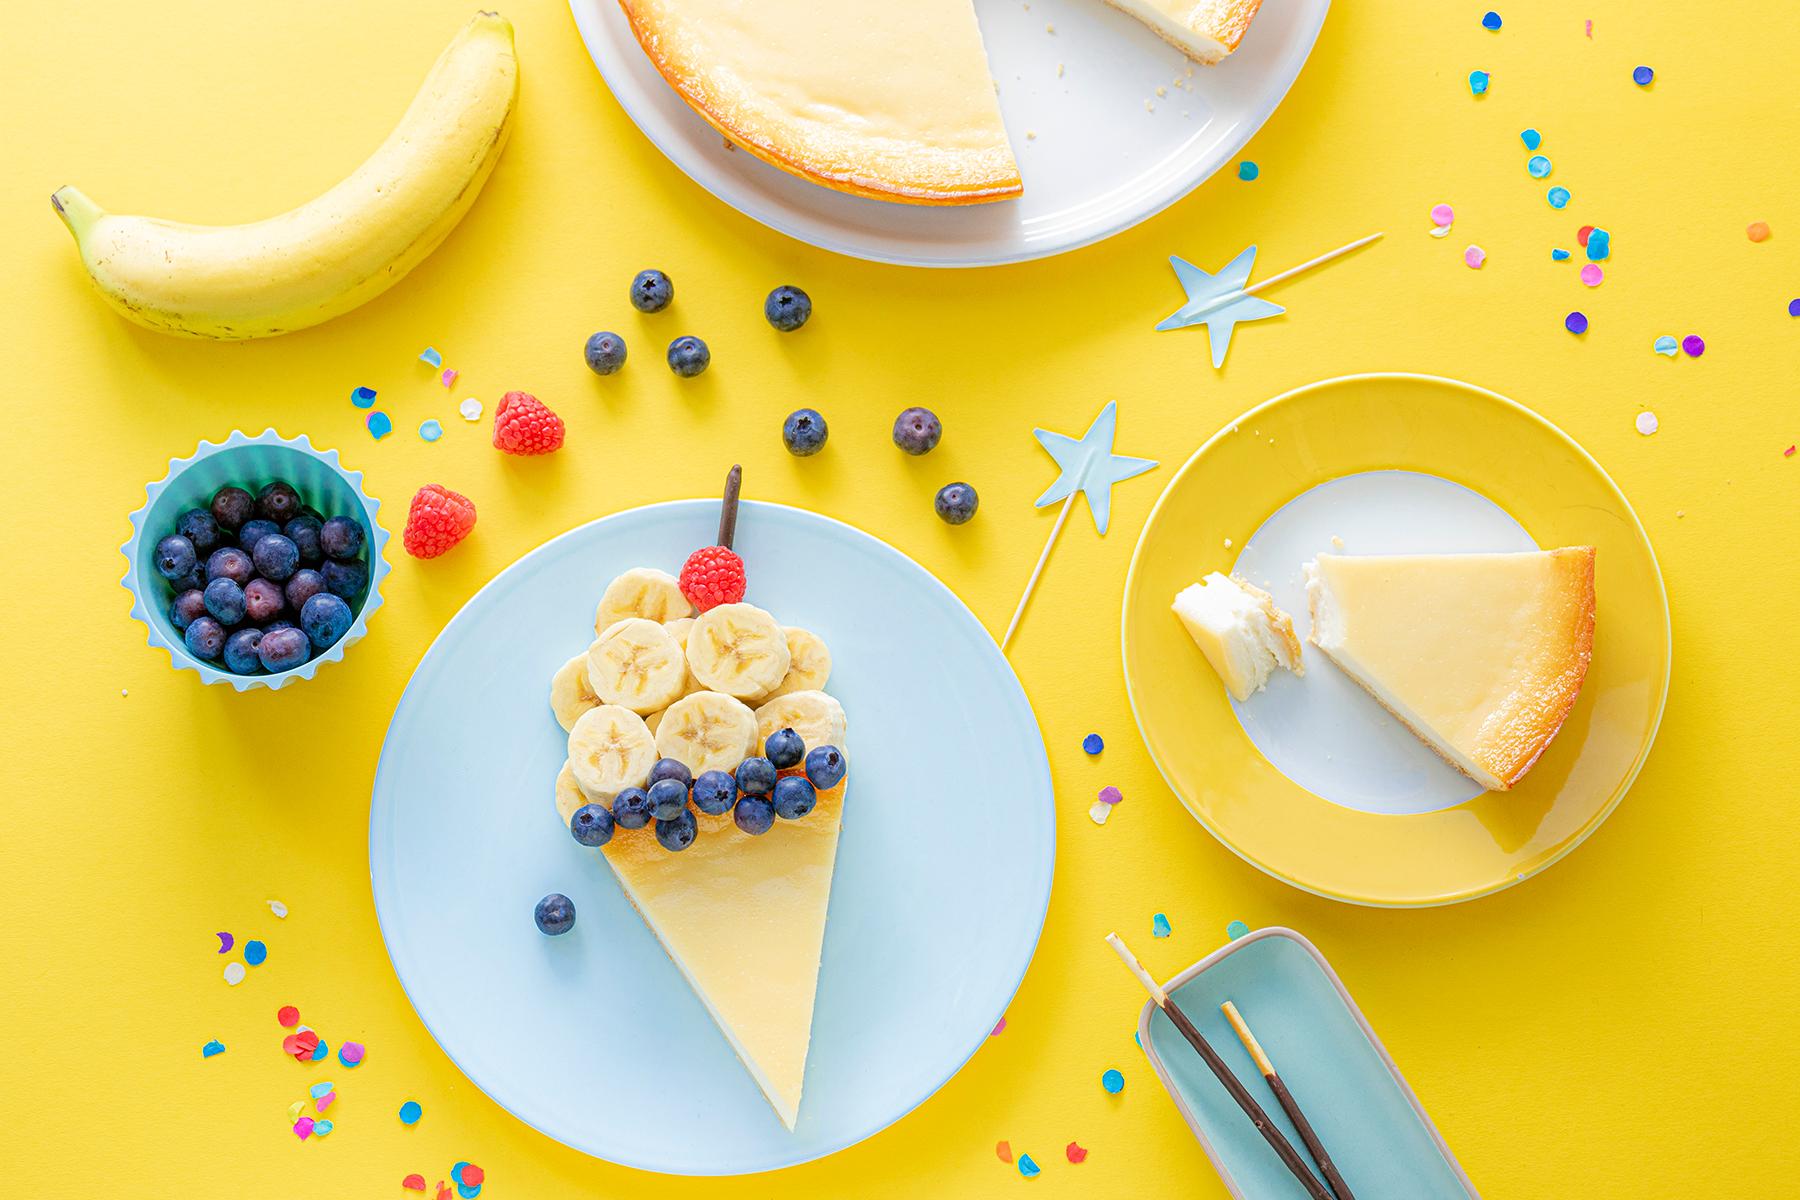 Kreatives Essen für Kinder: Eistüte aus Käsekuchen und Obst